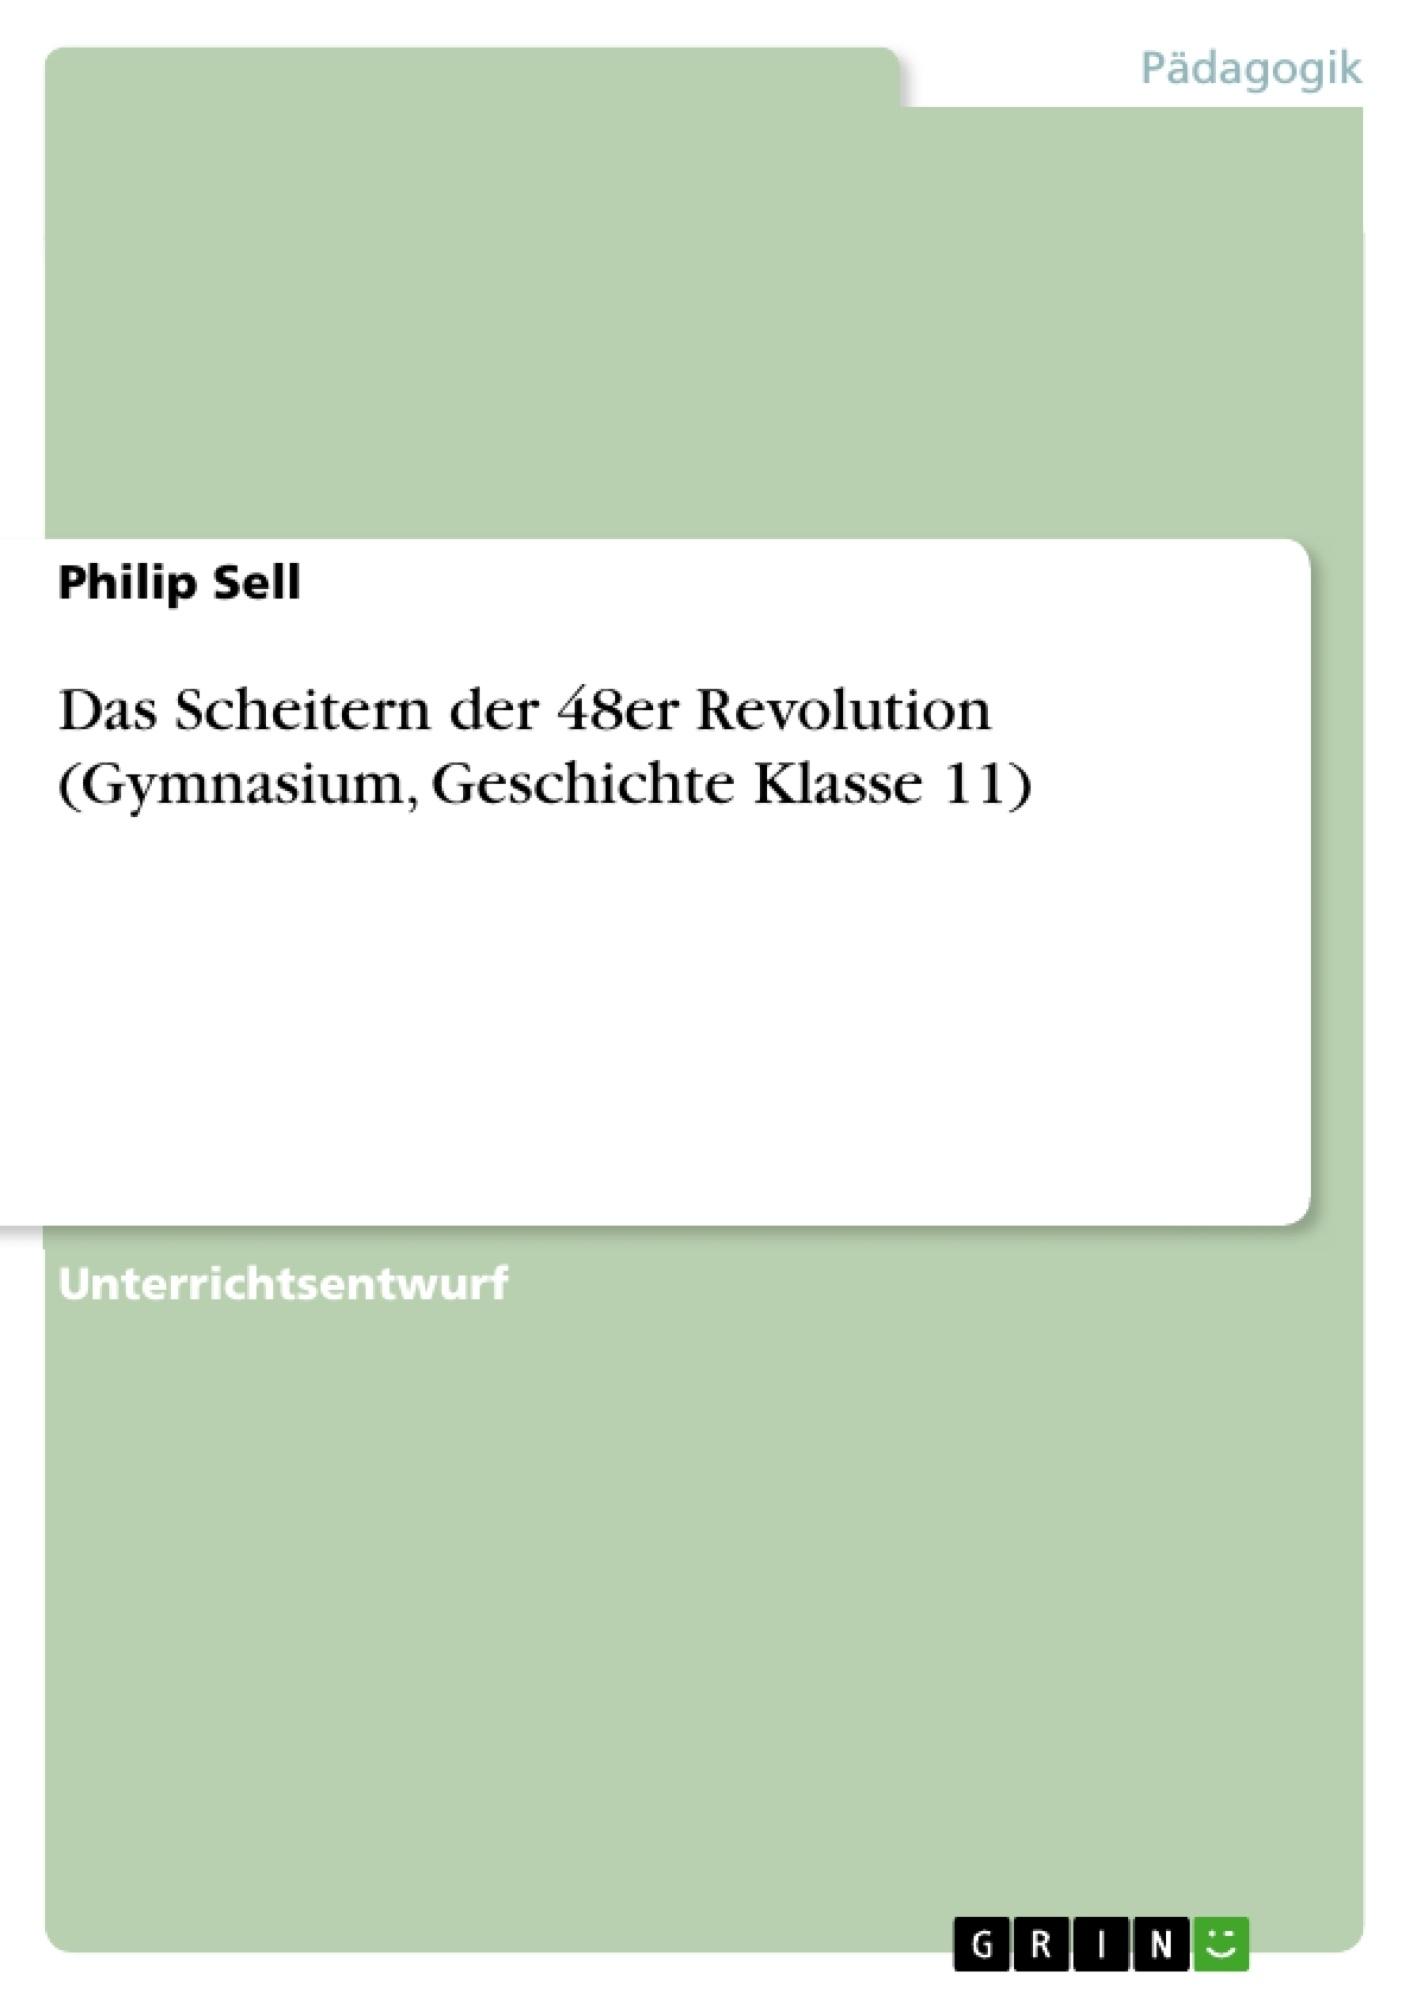 Titel: Das Scheitern der 48er Revolution (Gymnasium, Geschichte Klasse 11)